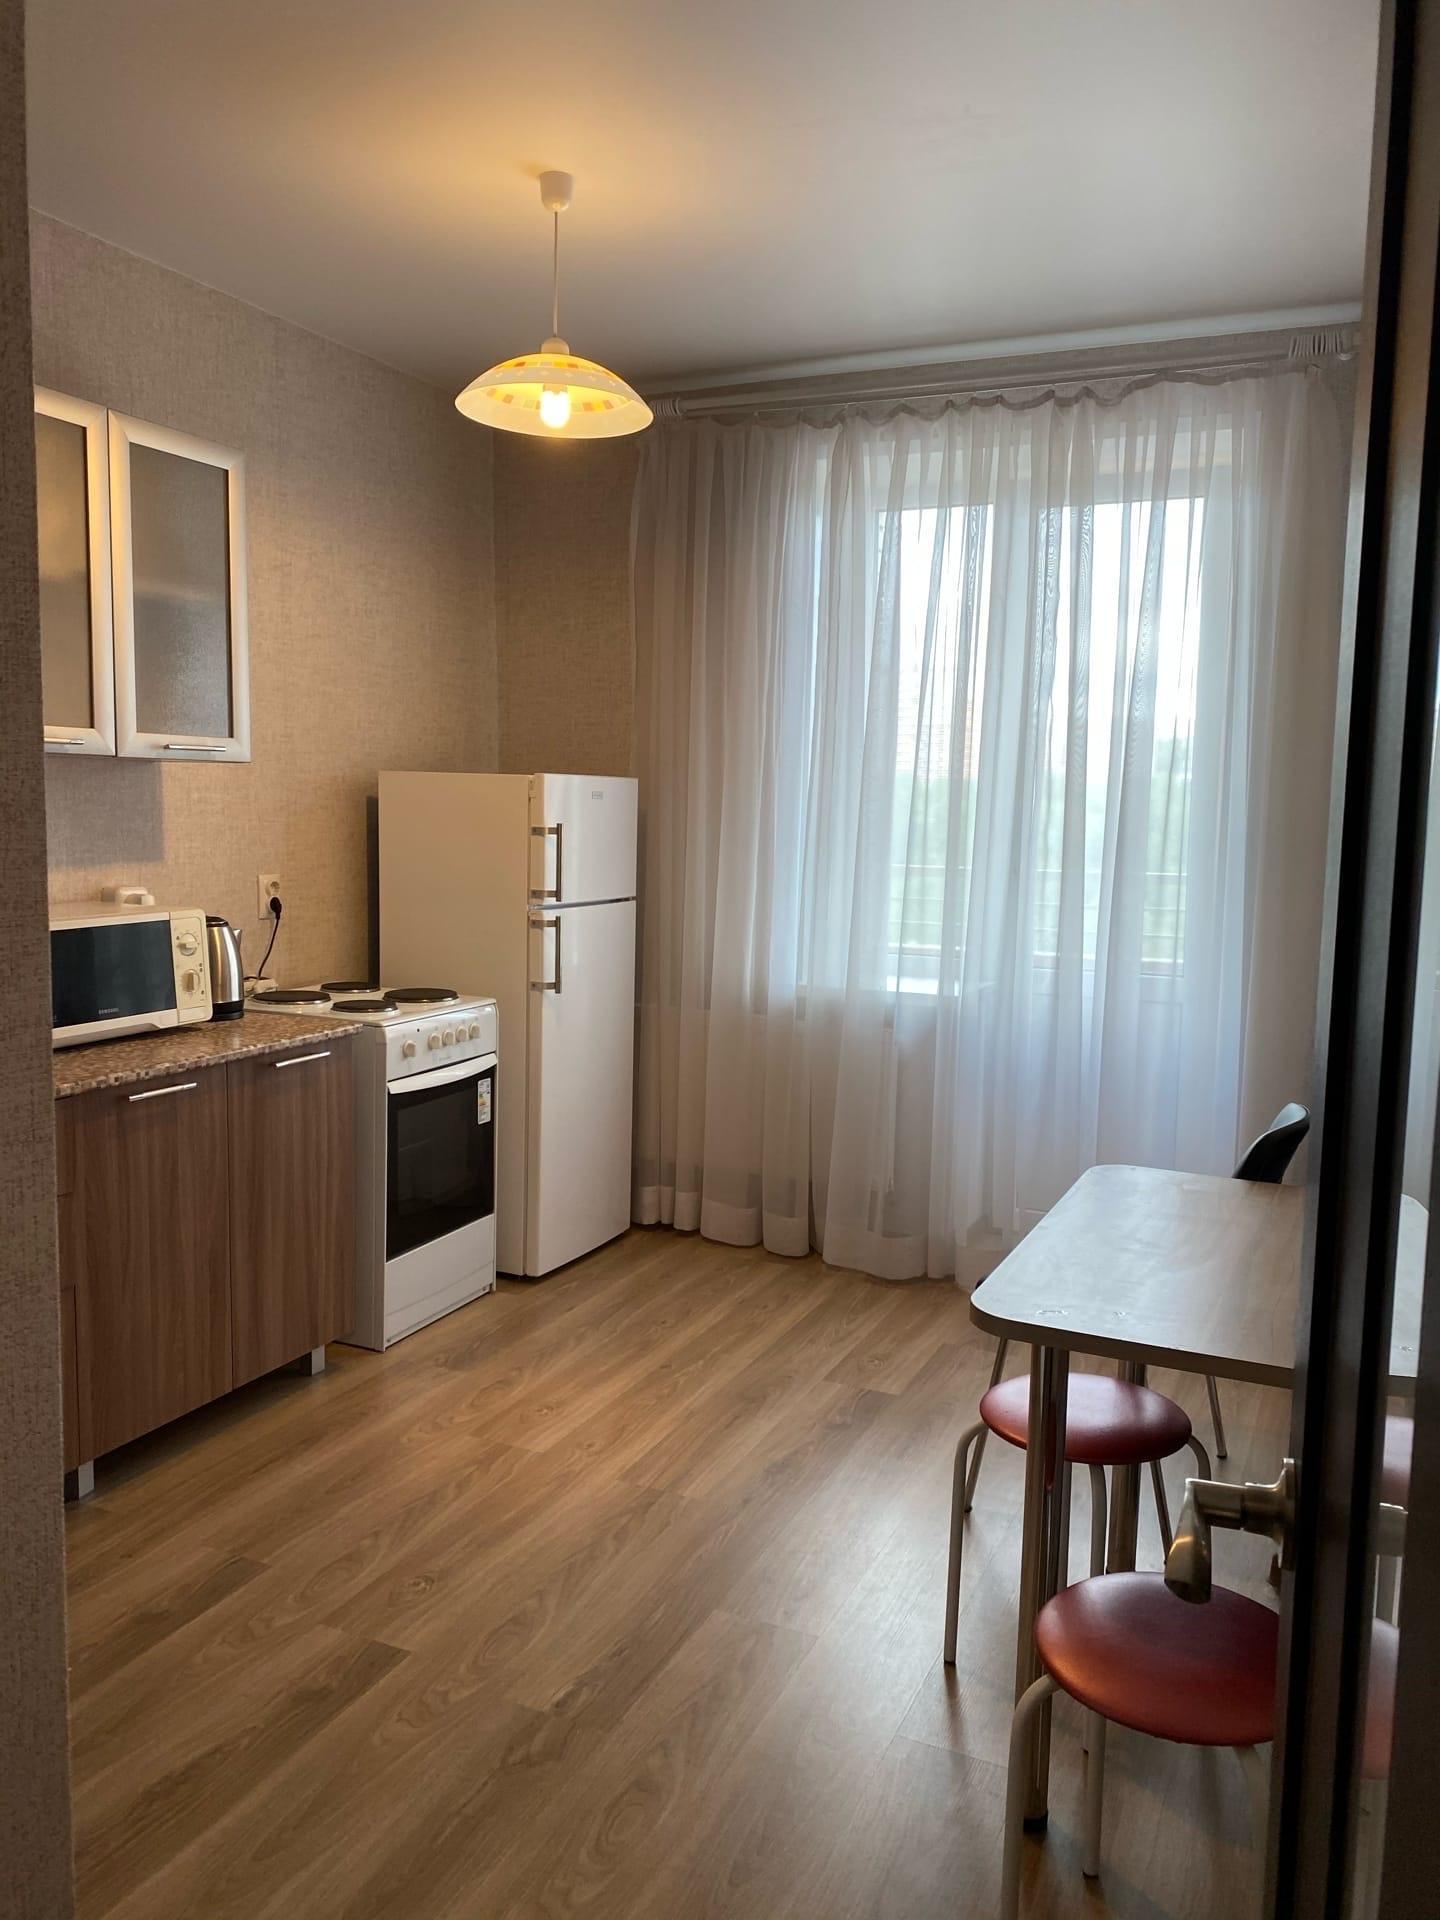 1к квартира улица Батурина, 5А | 12000 | аренда в Красноярске фото 0